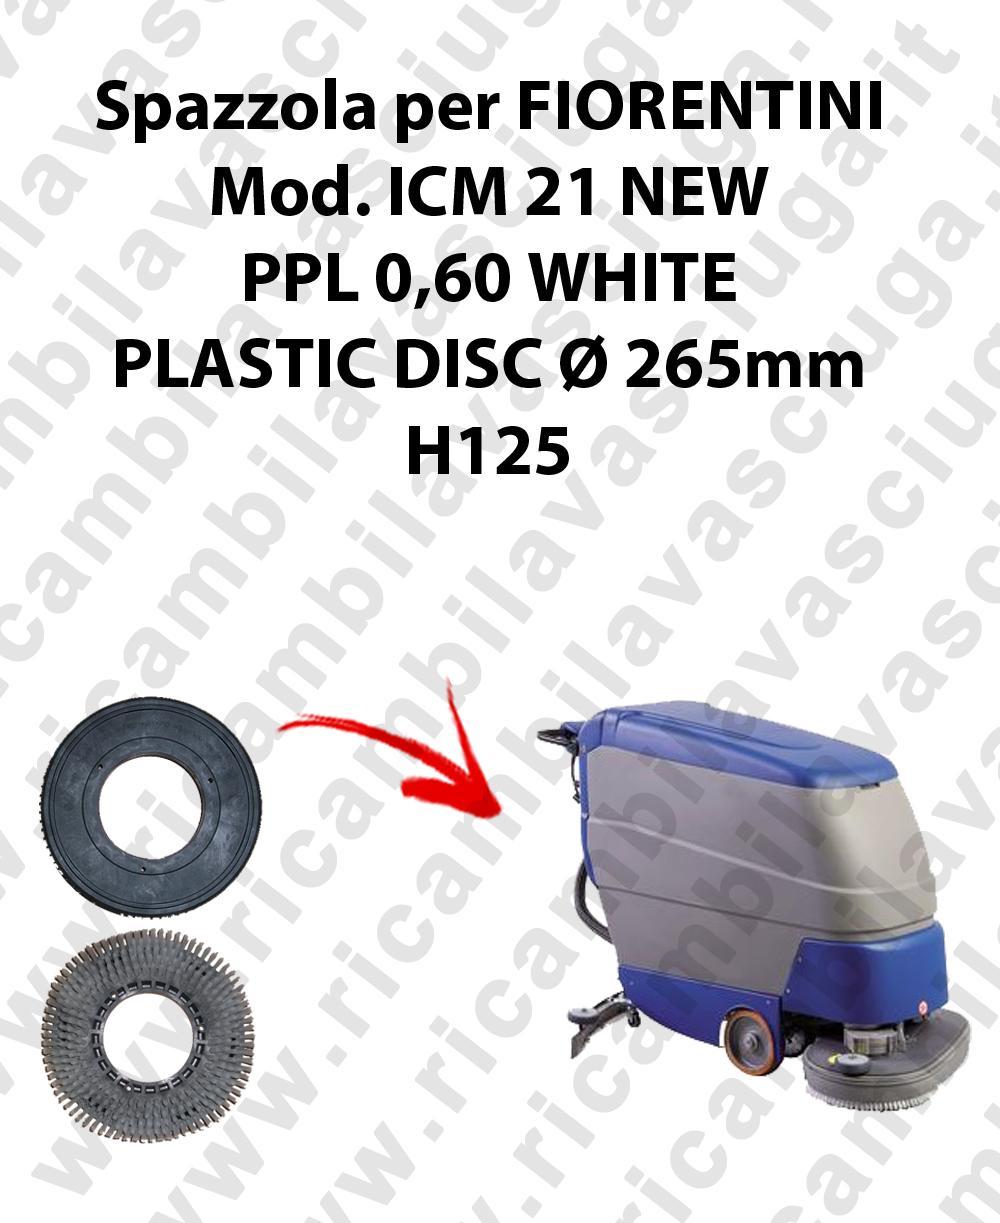 Spazzola lavare PPL 0.6 WHITE per lavapavimenti FIORENTINI modello ICM 21NEW